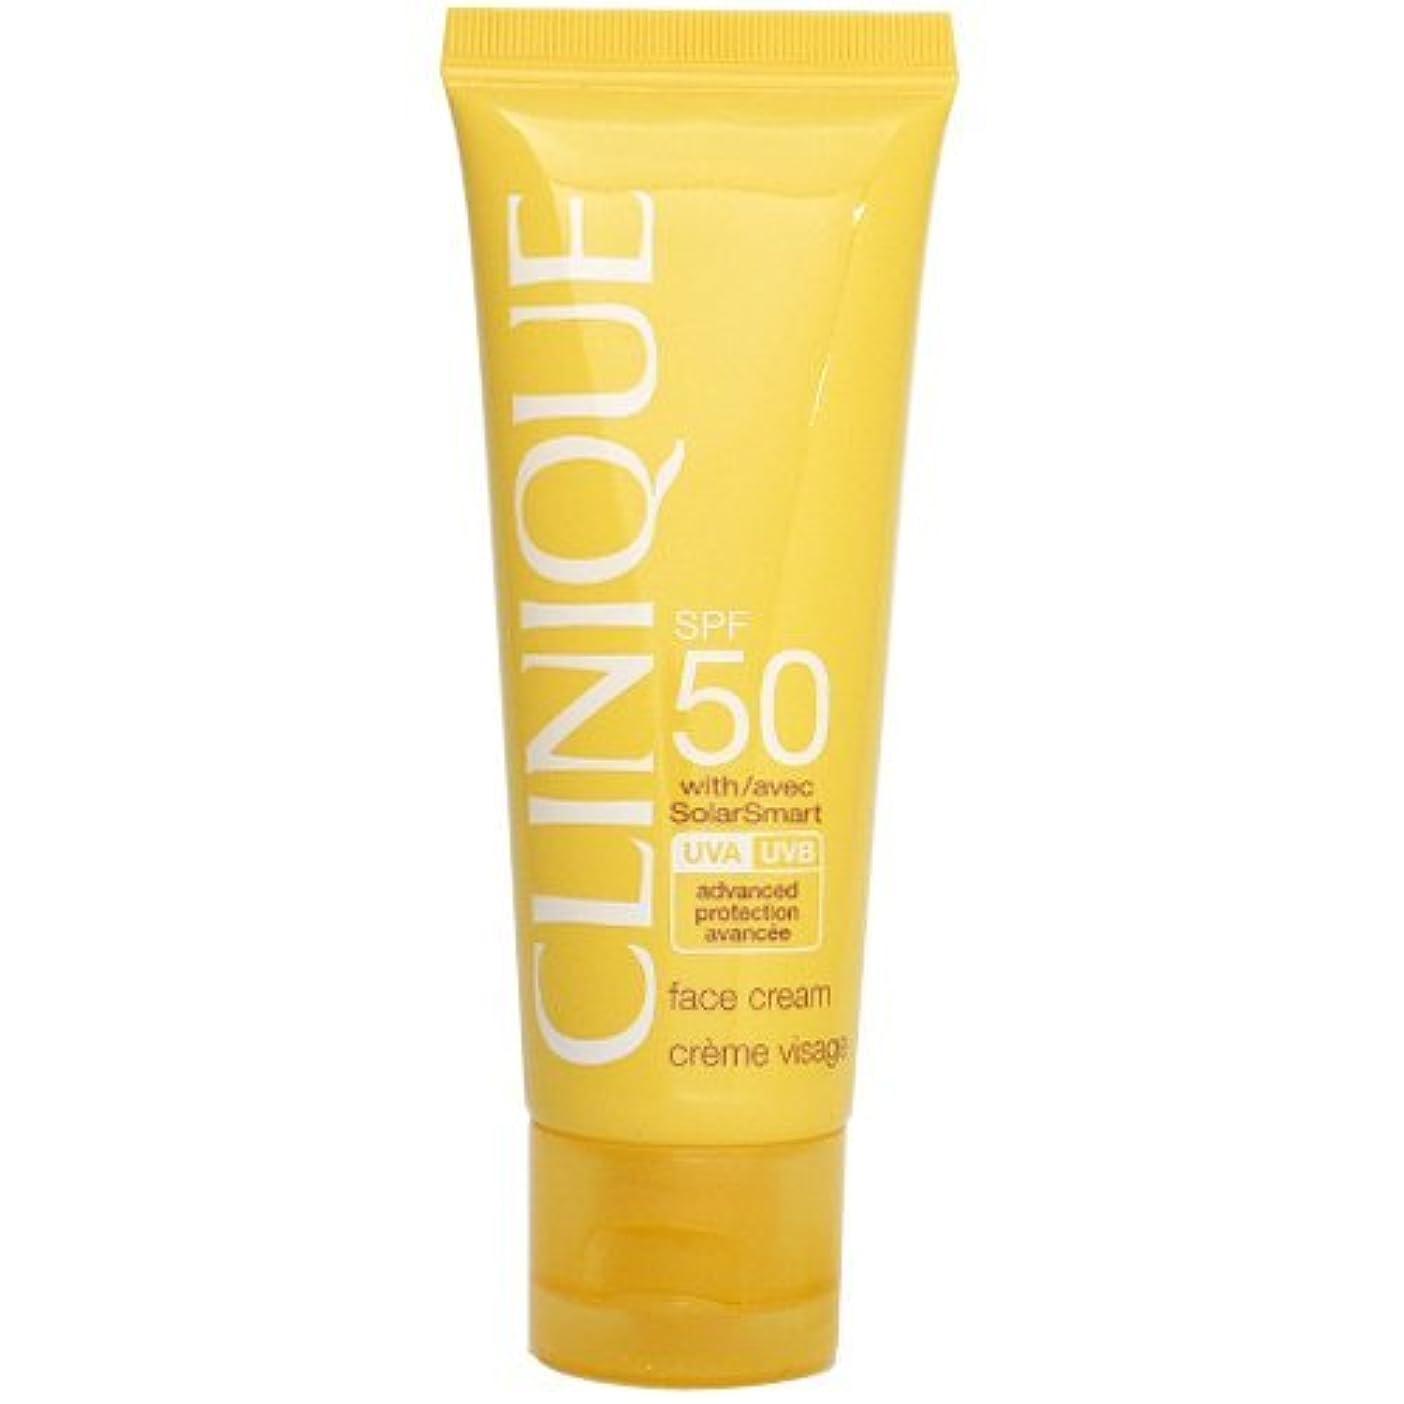 クリニーク CLINIQUE SPF50 フェース クリーム SPF 50 PA+++ 50mL 【並行輸入品】